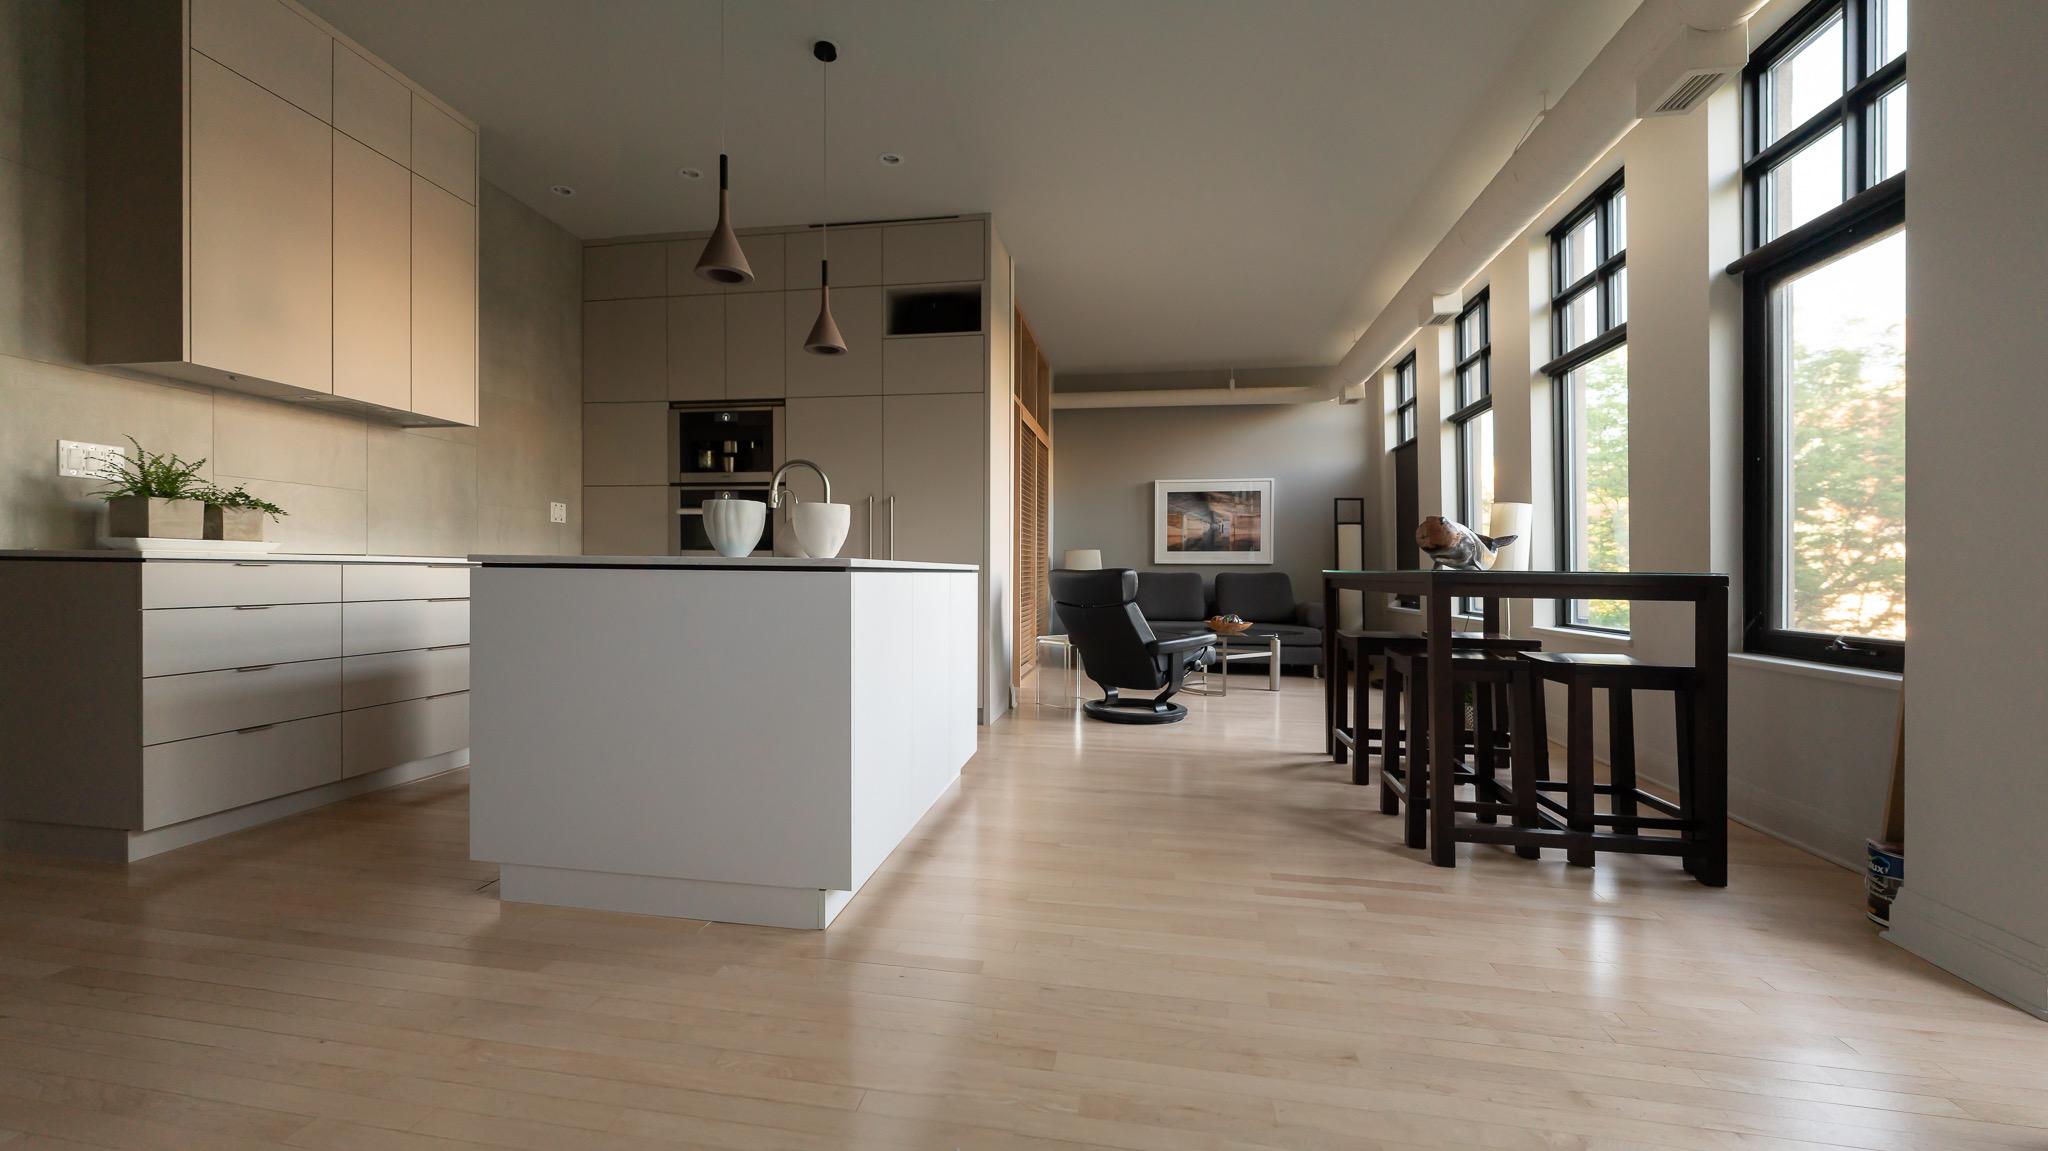 Yvonne Potter Interior Design 2018 Ottawa 300 Powell Kitchen MyRenovatedSpace-01.jpeg